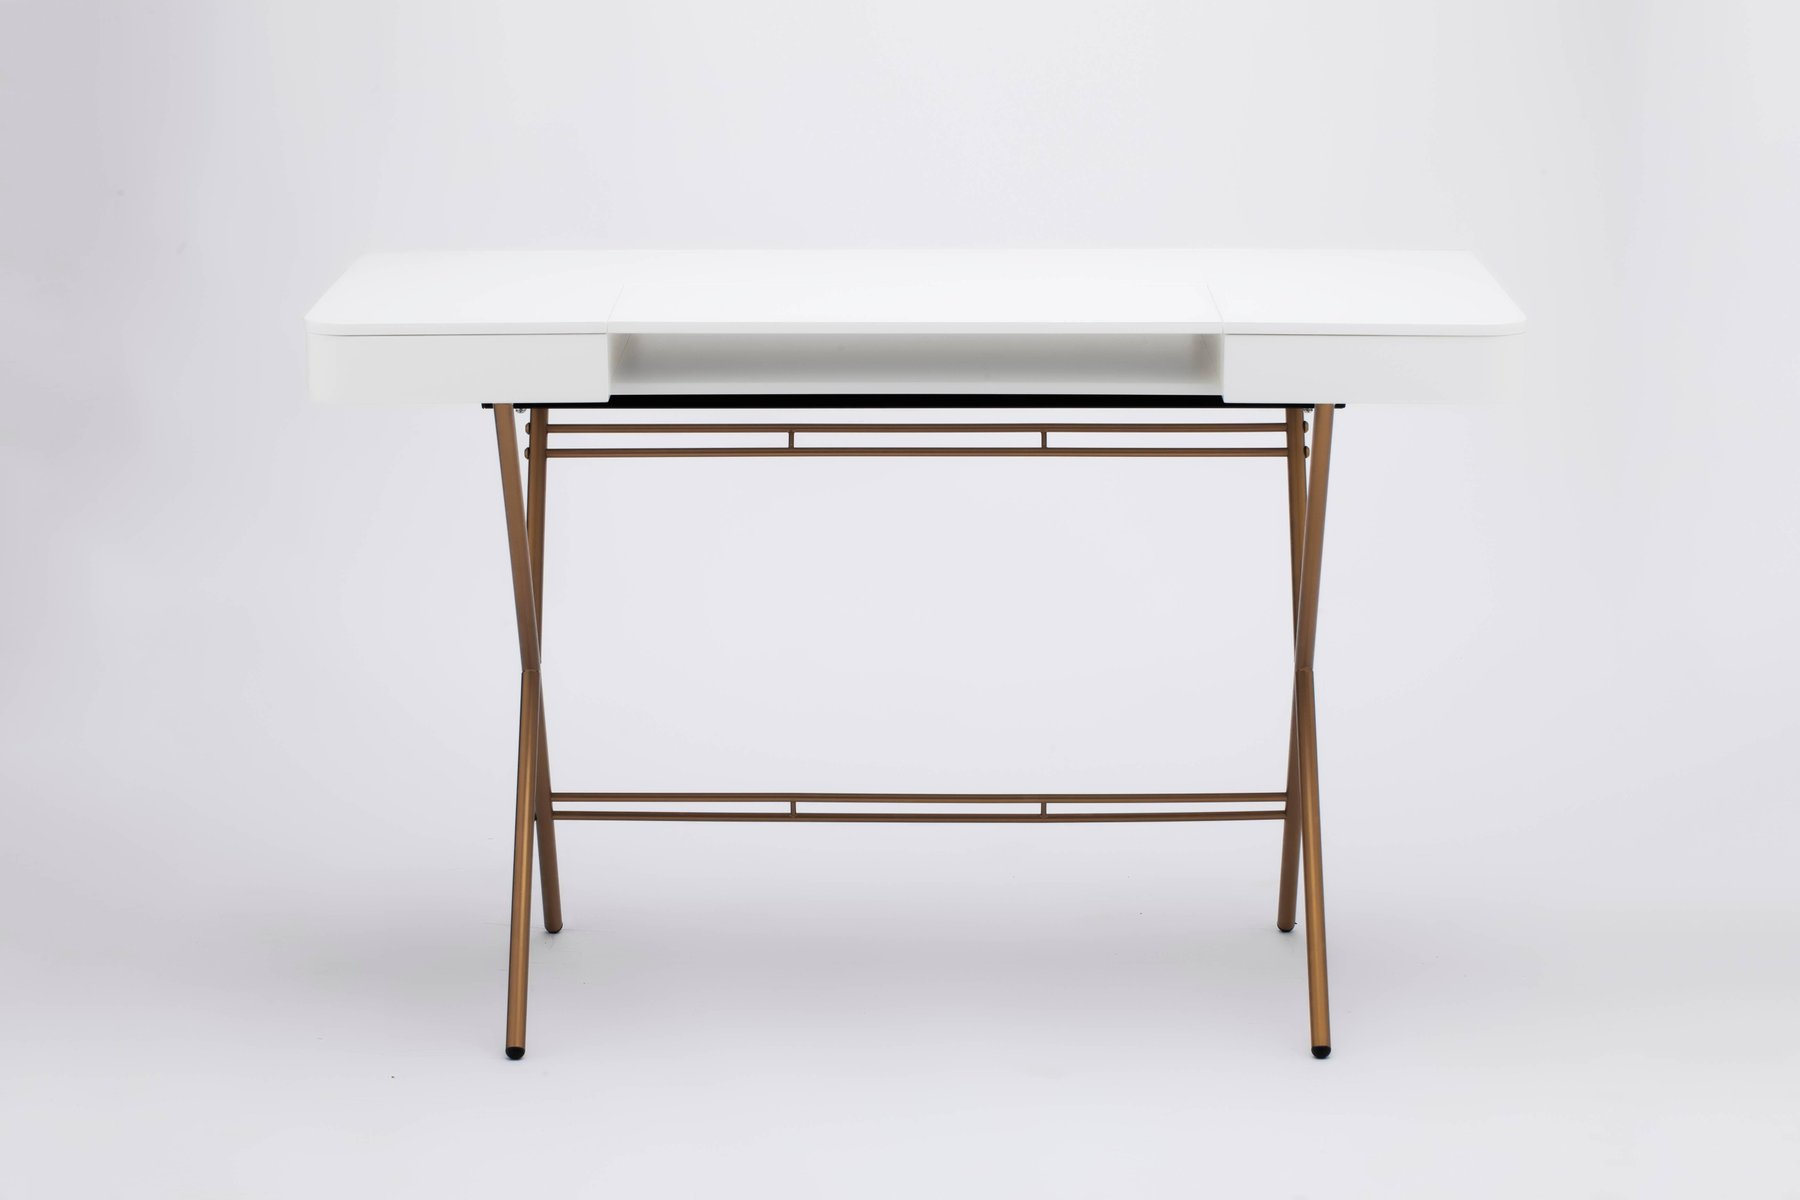 Bureau cosimo avec plateau laqué mat blanc et cadre doré par marco